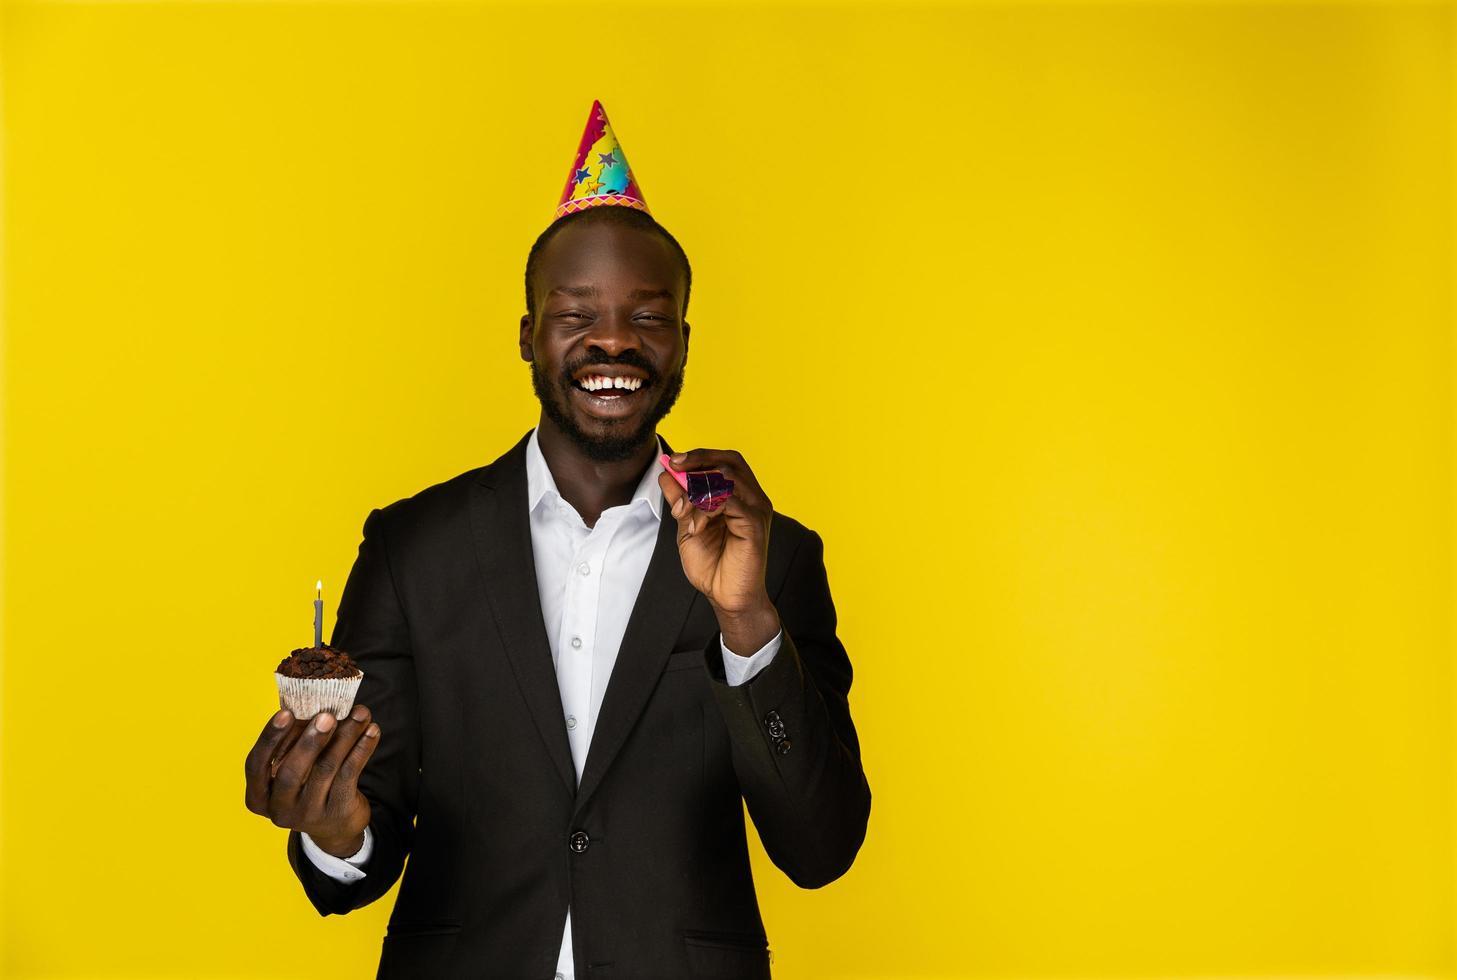 lachende Person an ihrem Geburtstag foto